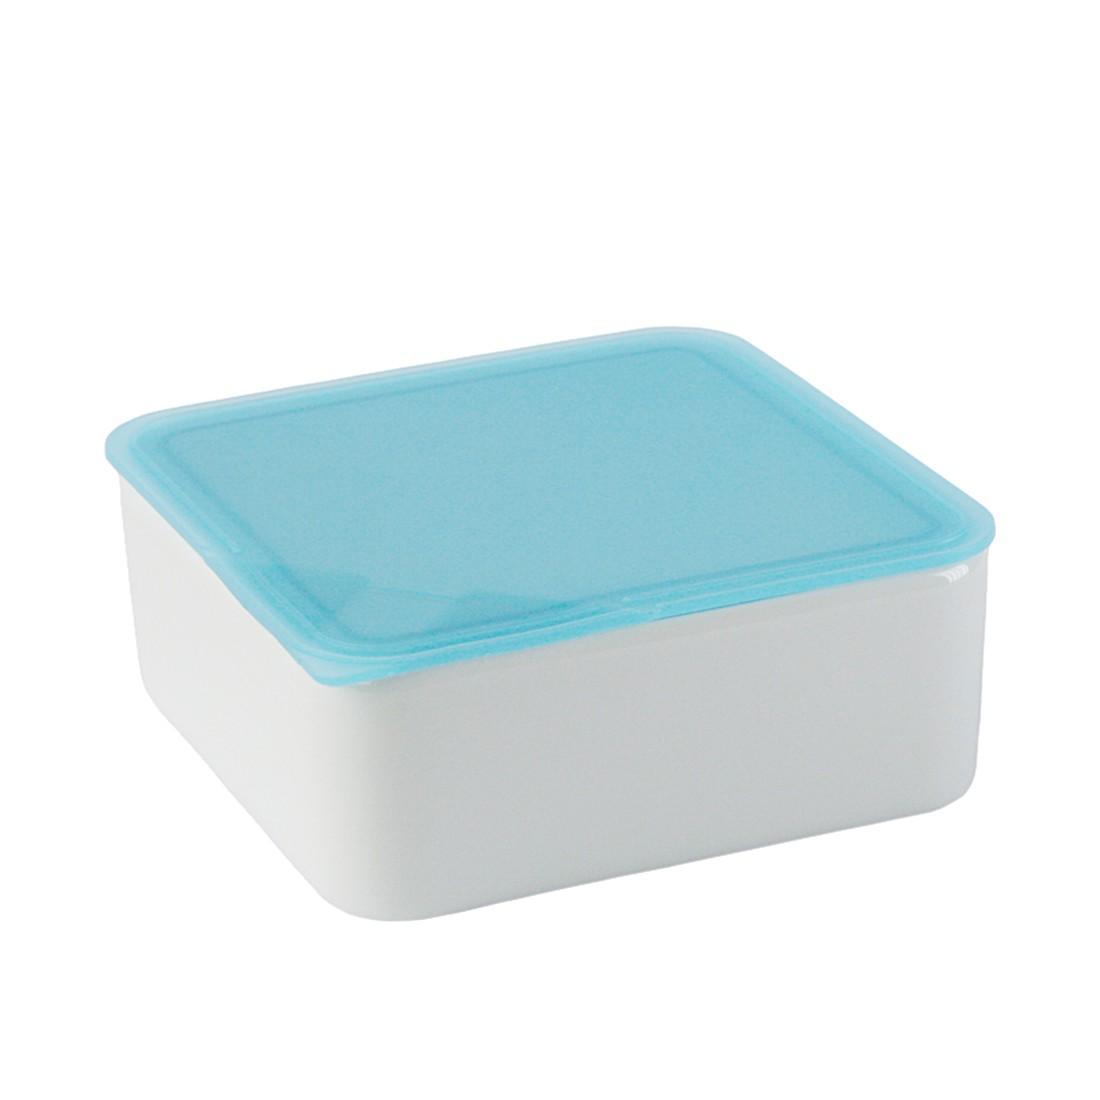 Frischebox Küchenfreunde (15cm) – Eisblau, Arzberg bestellen